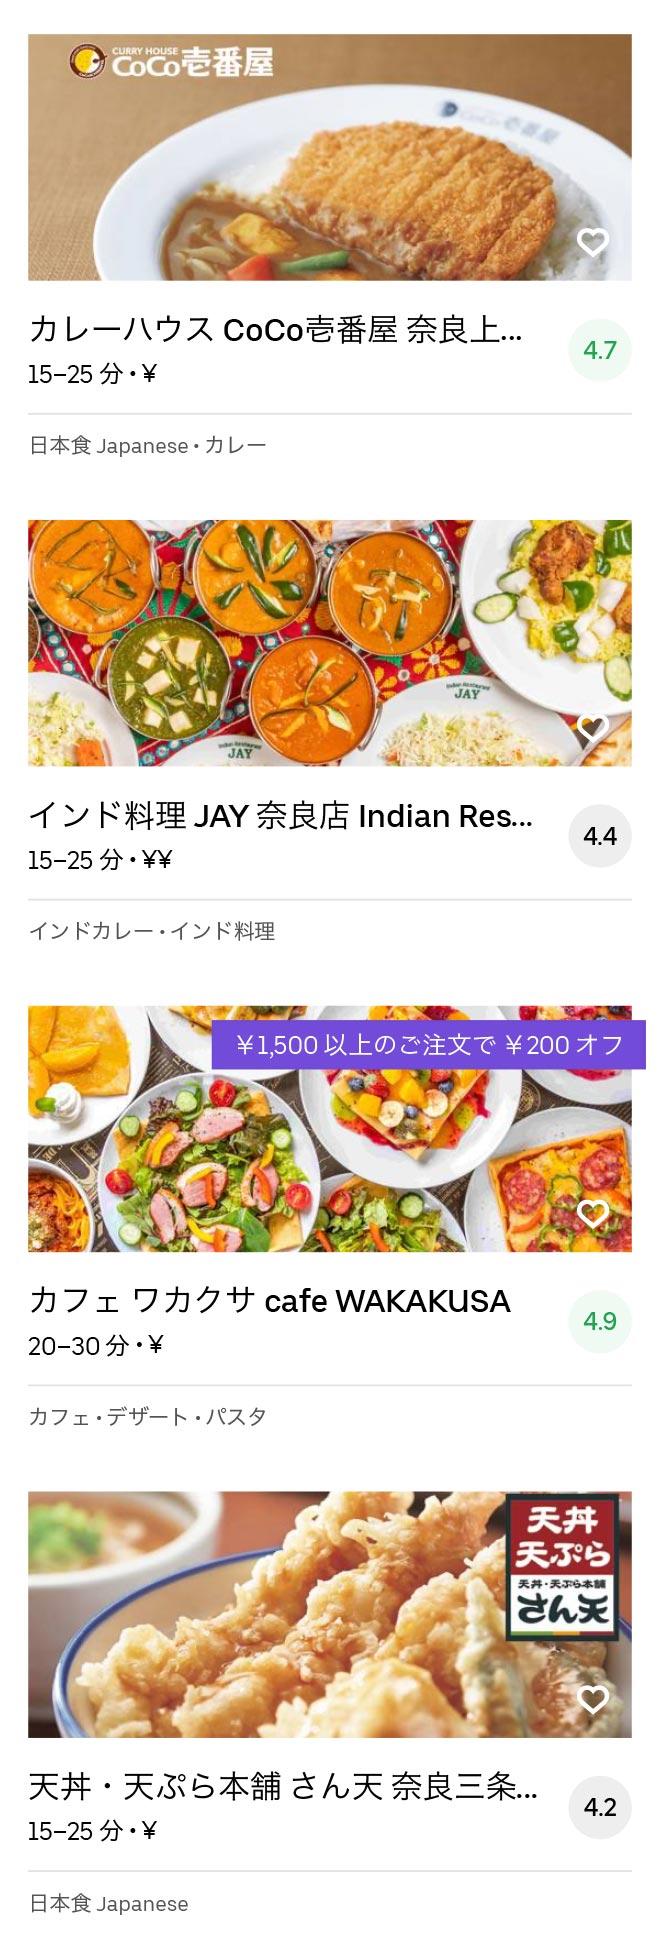 Nara menu 2007 03